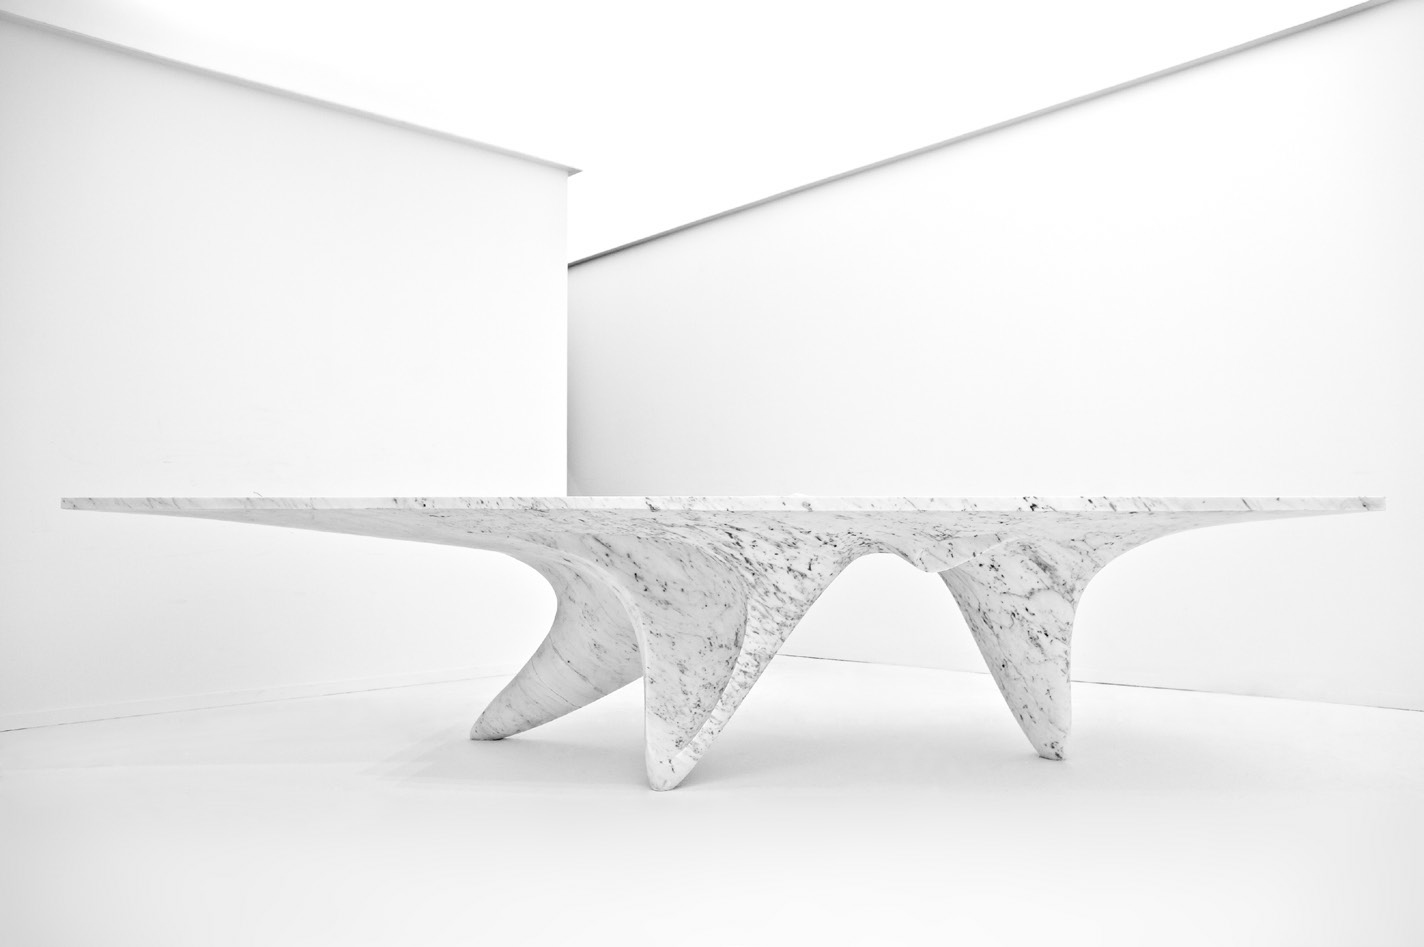 展示了为意大利的室内设计公司 citco 设计了一个全新的家具系列.